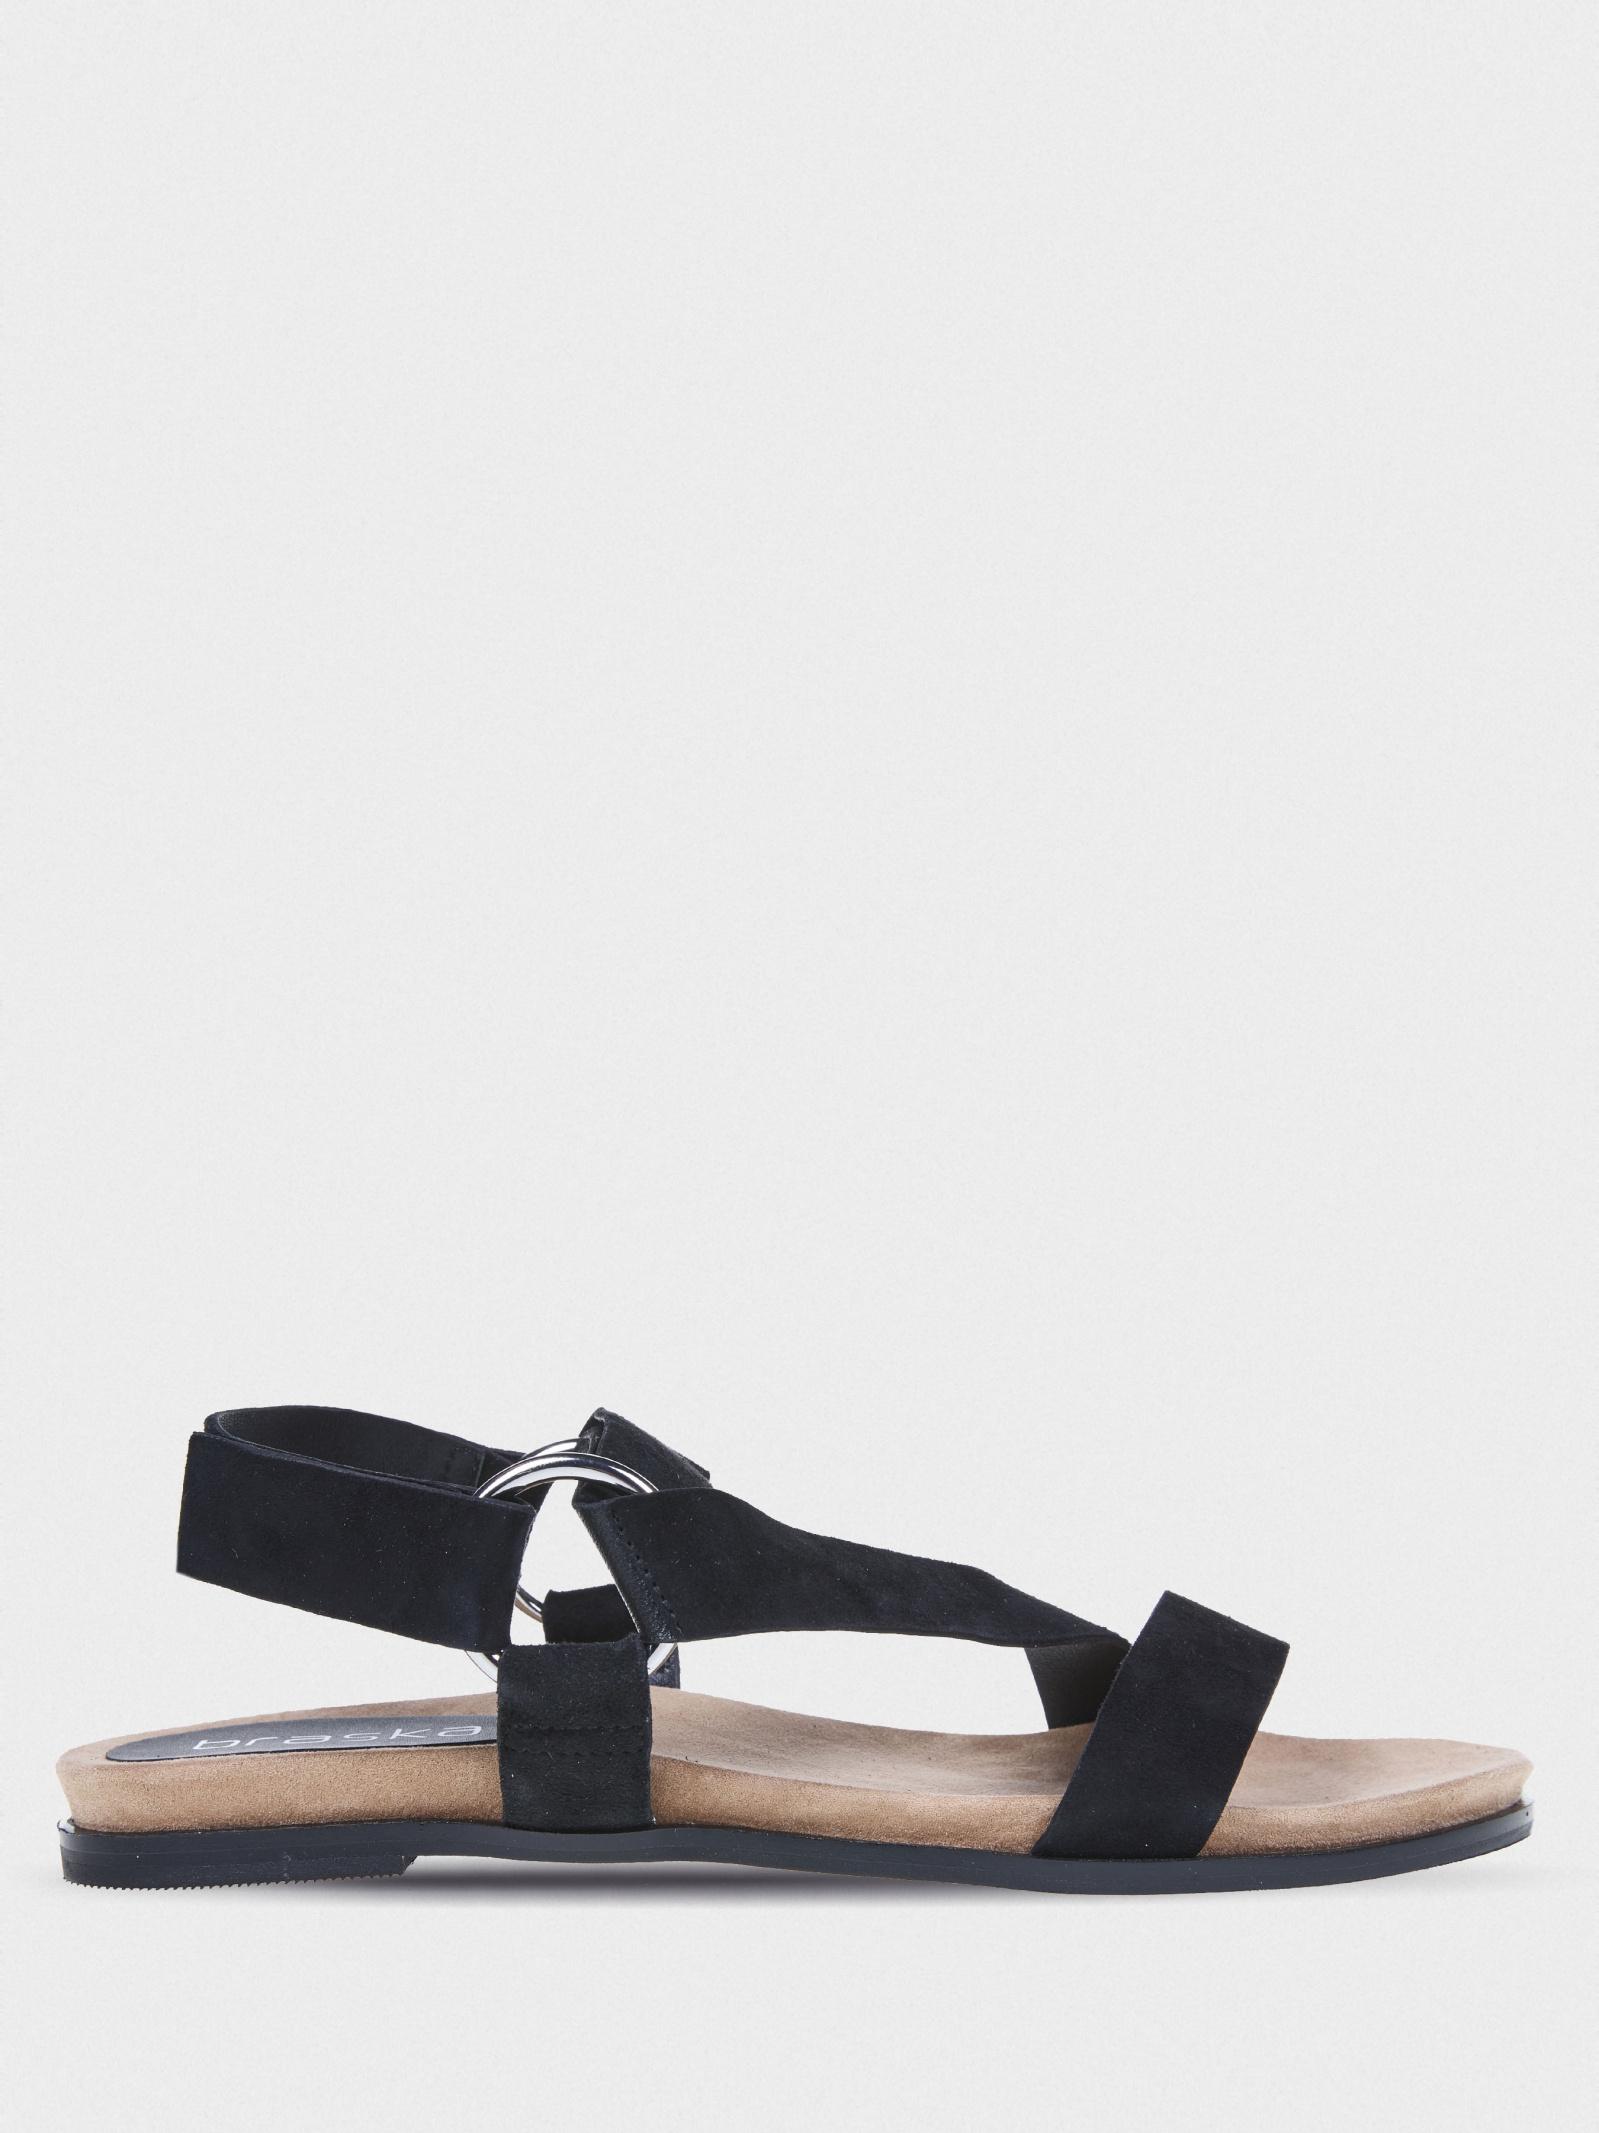 Сандалі  для жінок Braska 211-3643/201 модне взуття, 2017